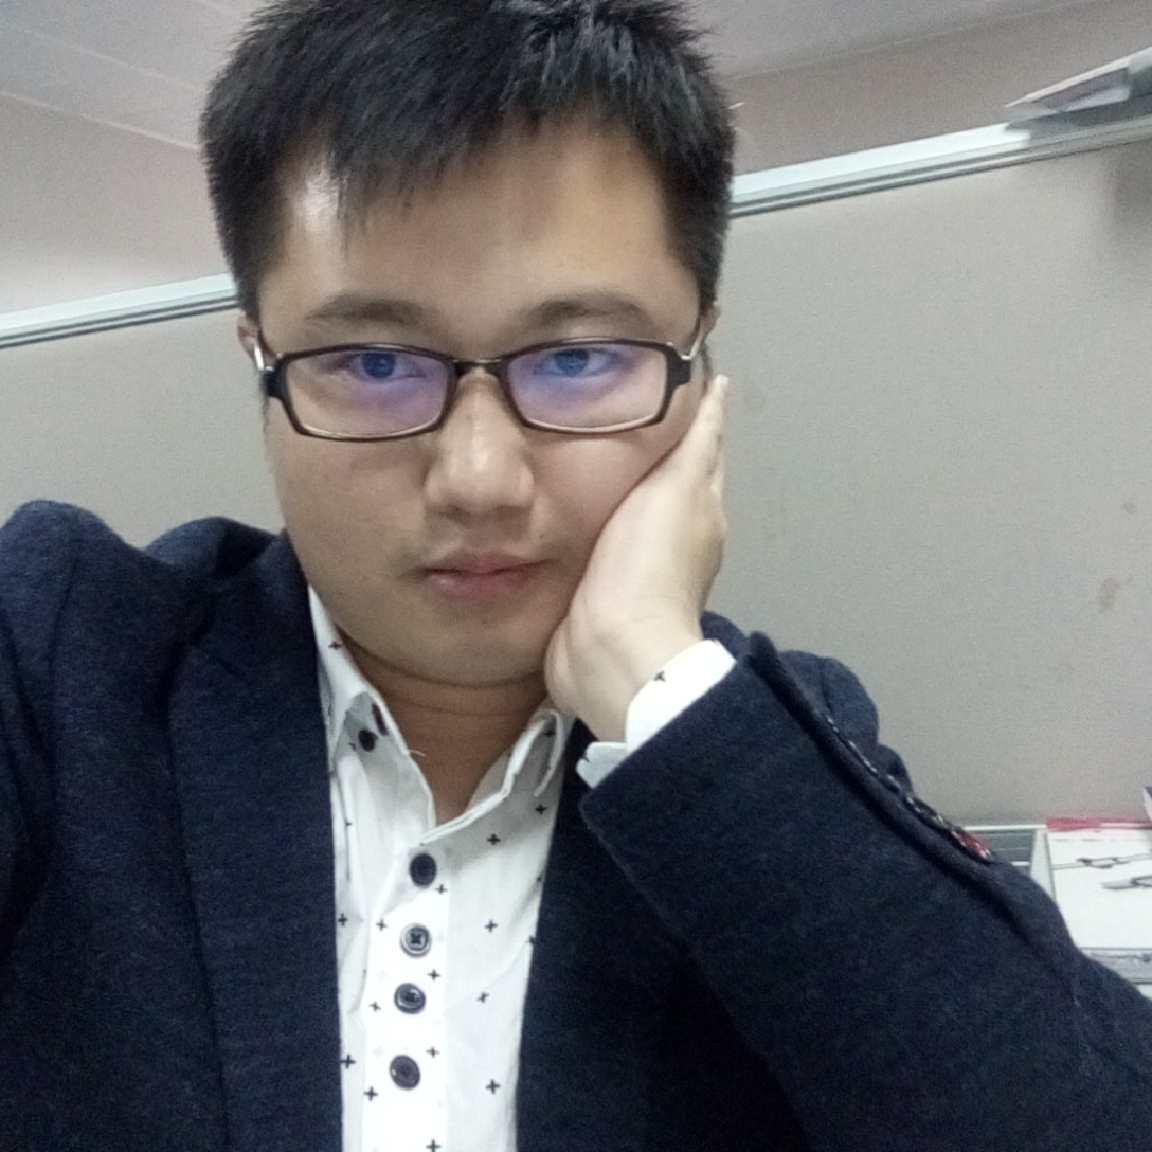 刘扬1485481252153558